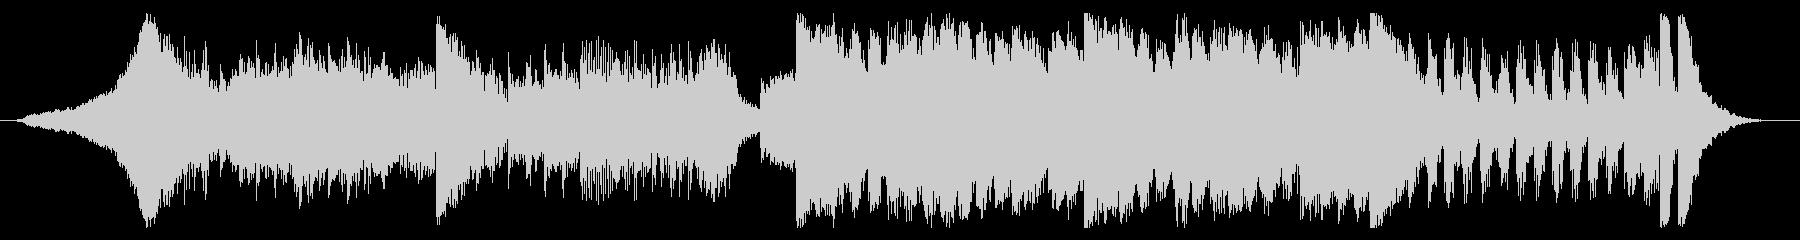 少し怪しさのあるロック-15秒Verの未再生の波形